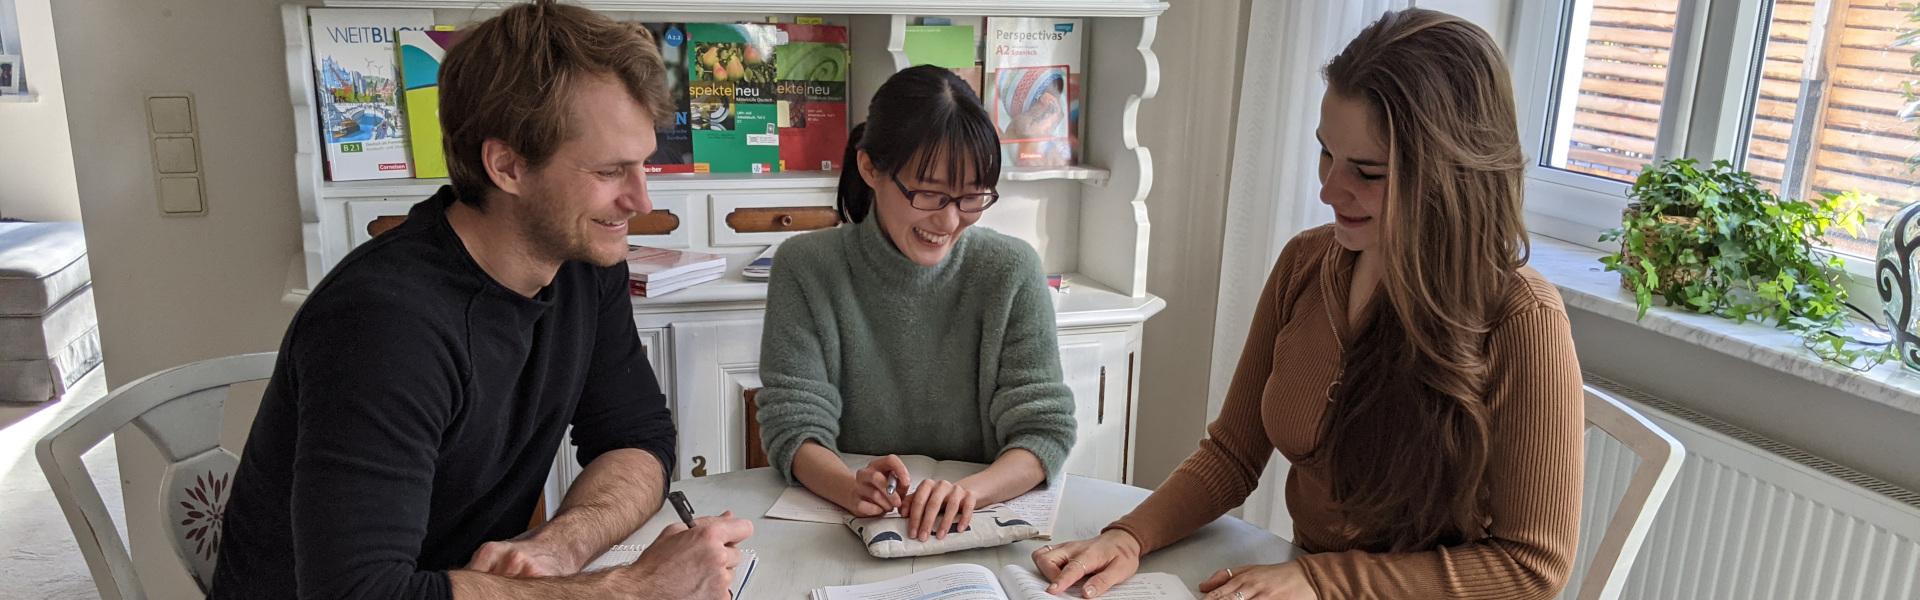 Deutsch Intensivkurs München: Unterricht mit Nathalie